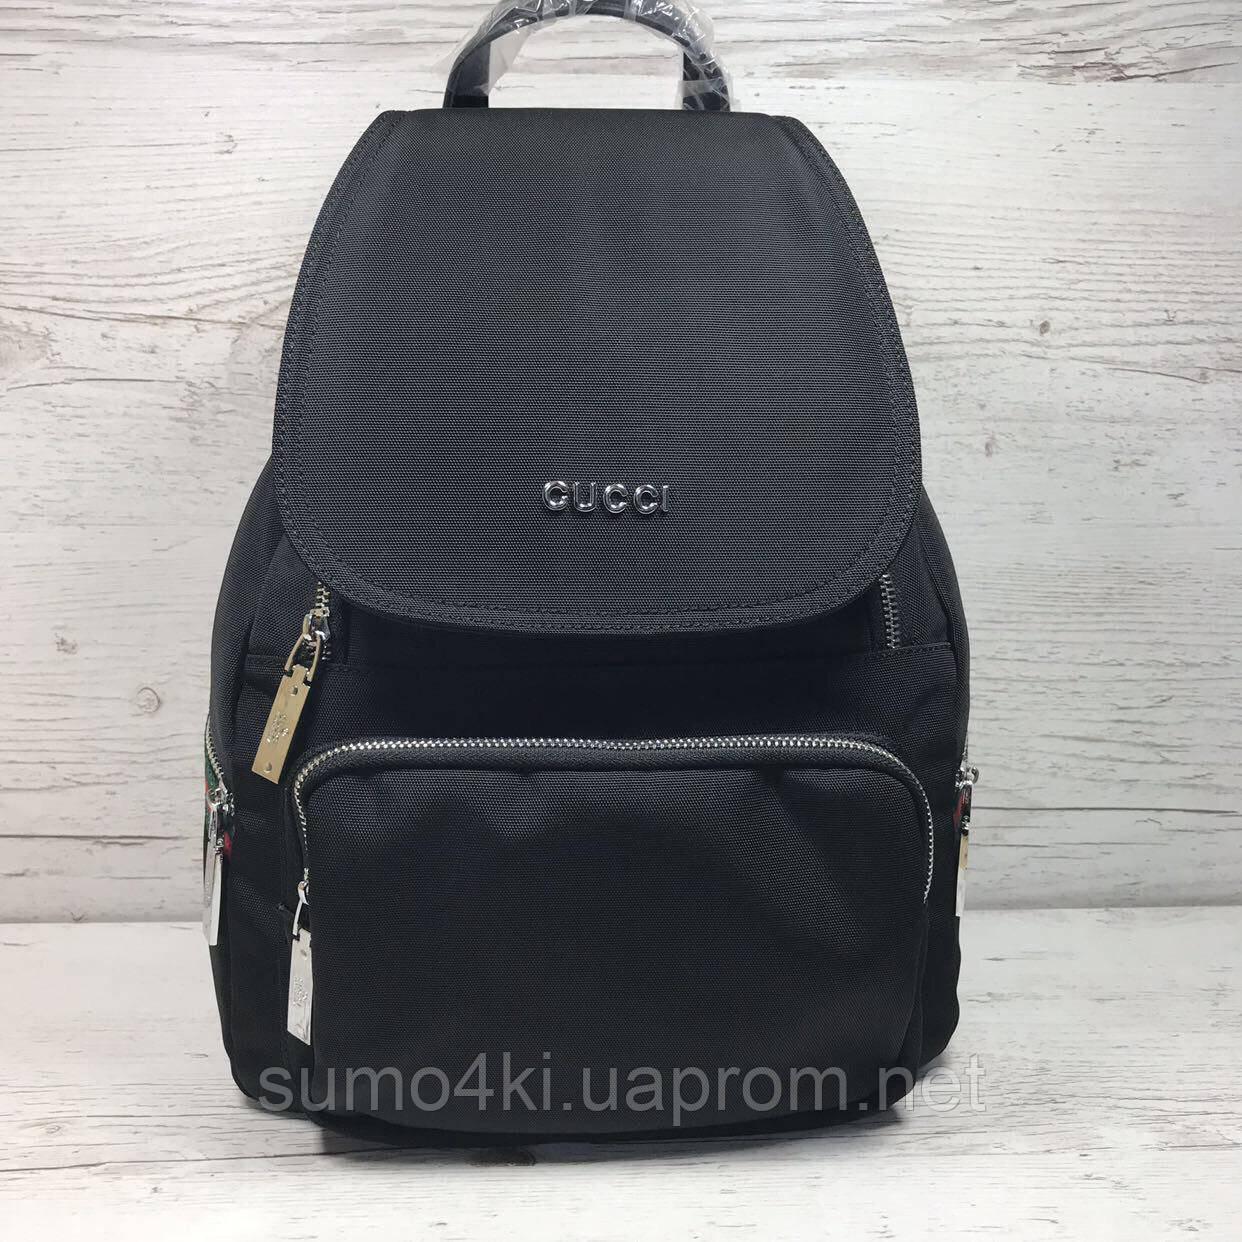 852b883e4 Женский рюкзак Gucci из плащевки - Интернет-магазин «Галерея Сумок» в Одессе